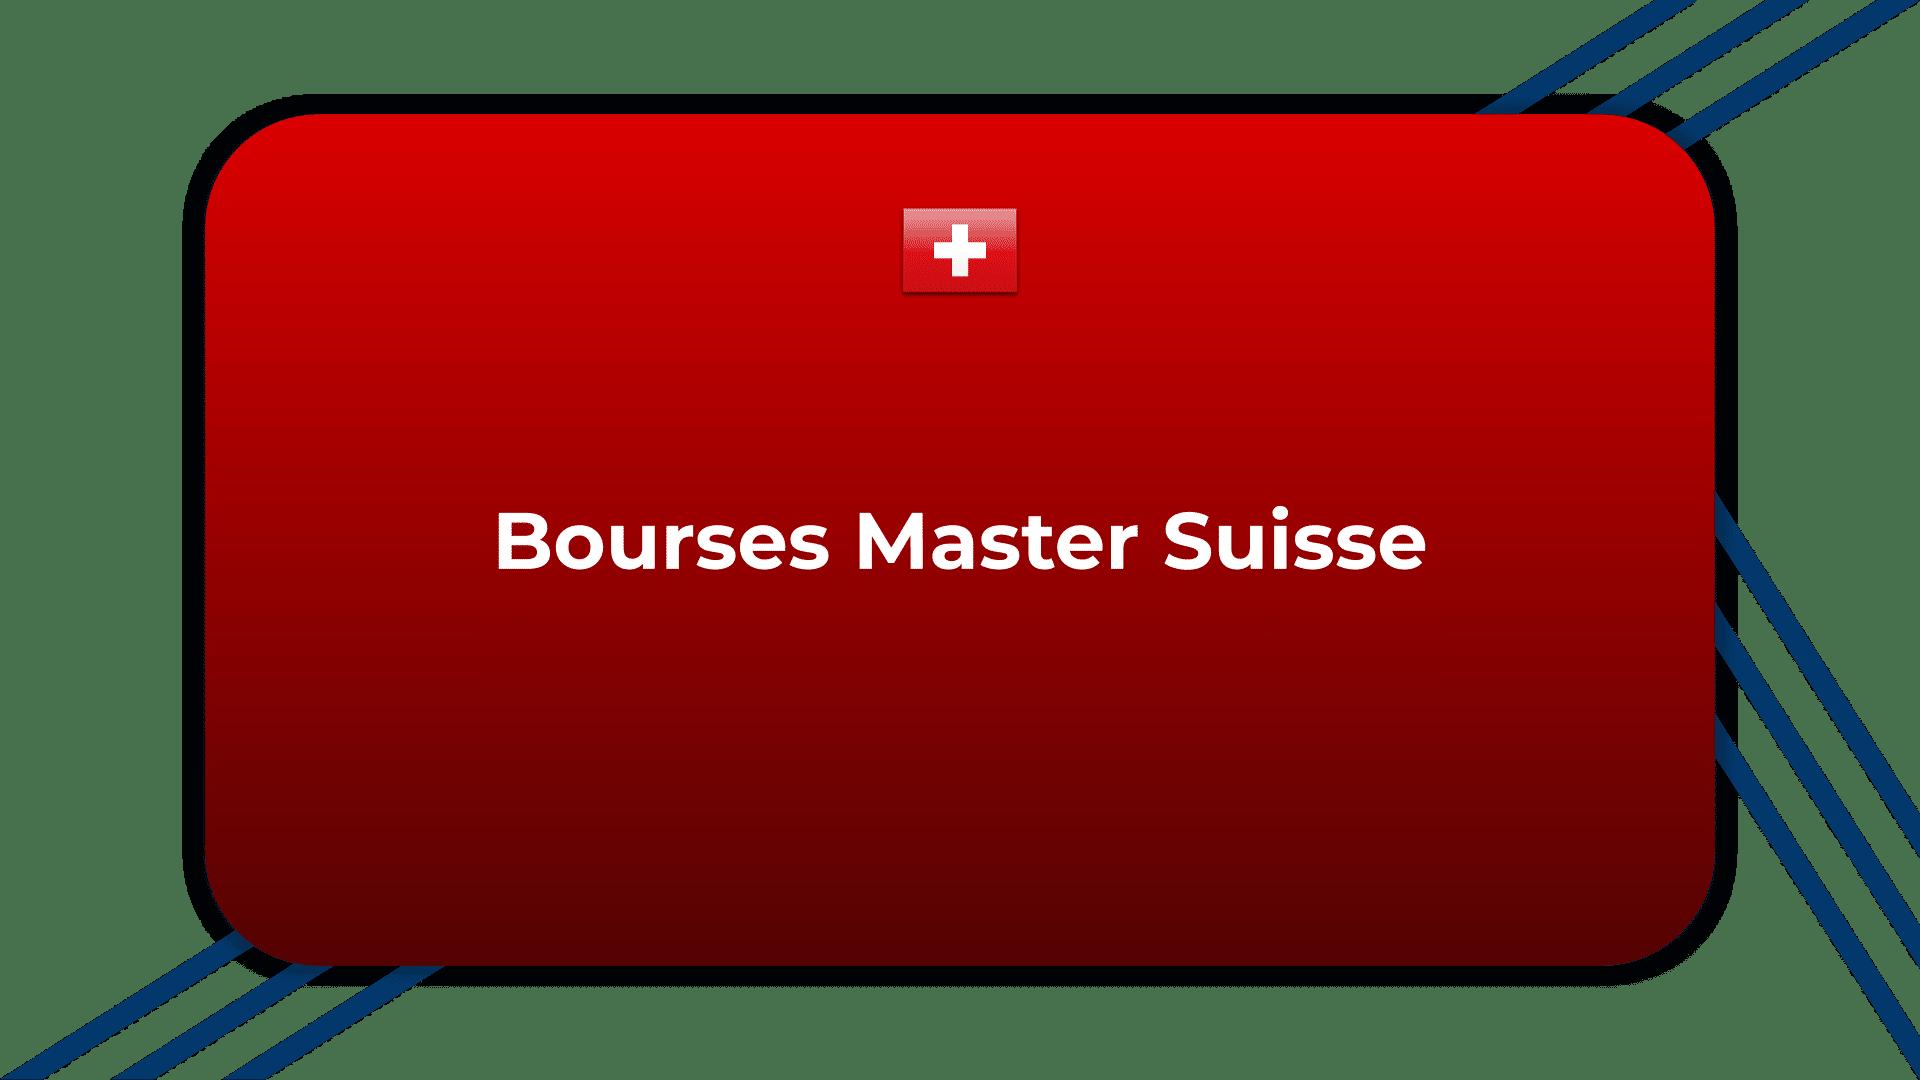 Bourses Master Suisse